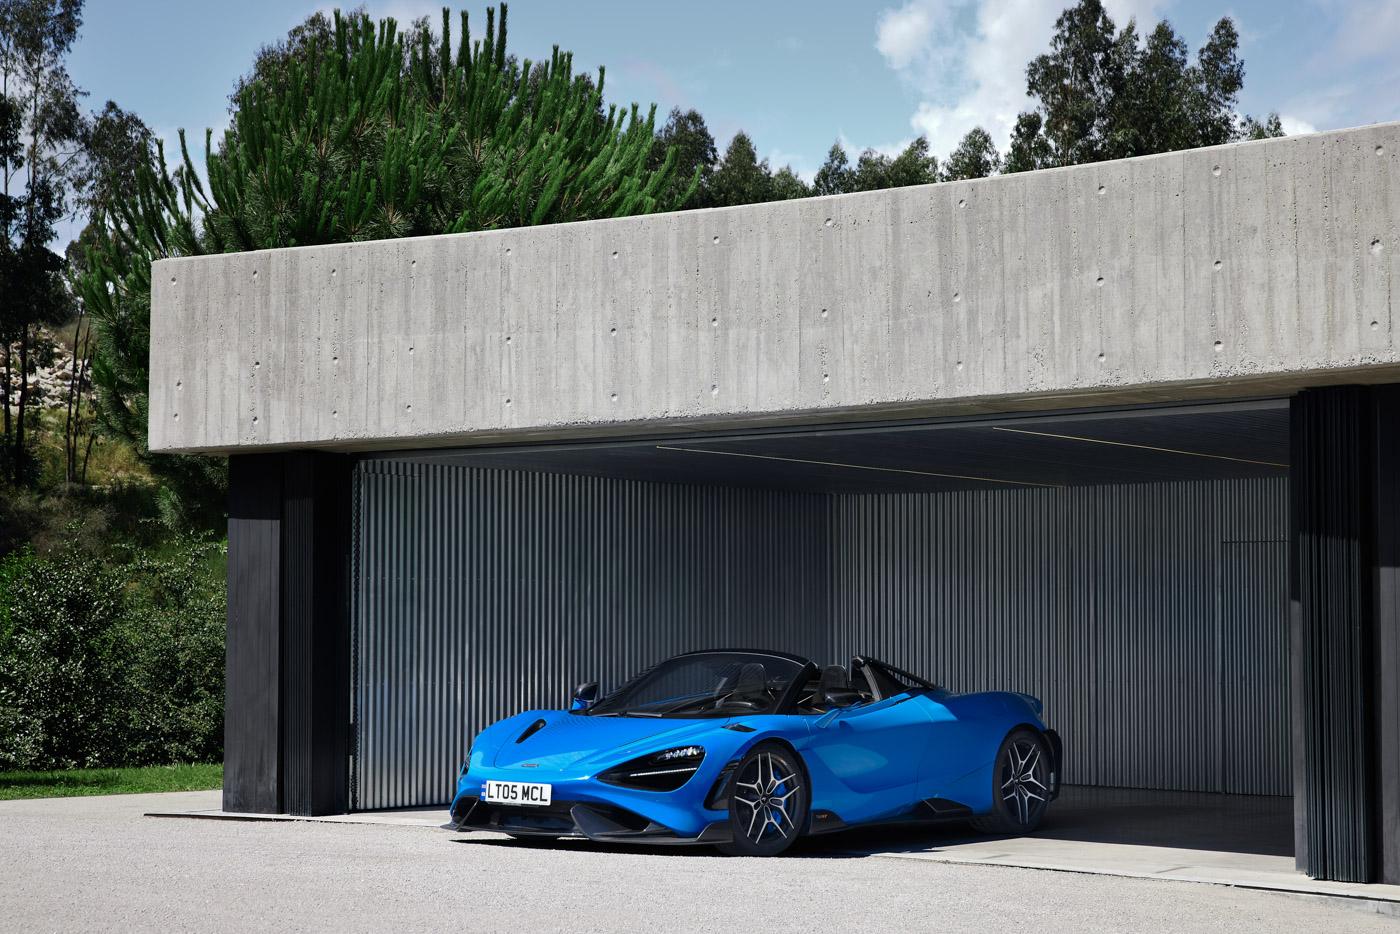 McLaren-765-LT-Spider-siêu-xe-mui-trần-hiệu-năng-cao-dẫn-đầu-phân-khúc-3.jpg